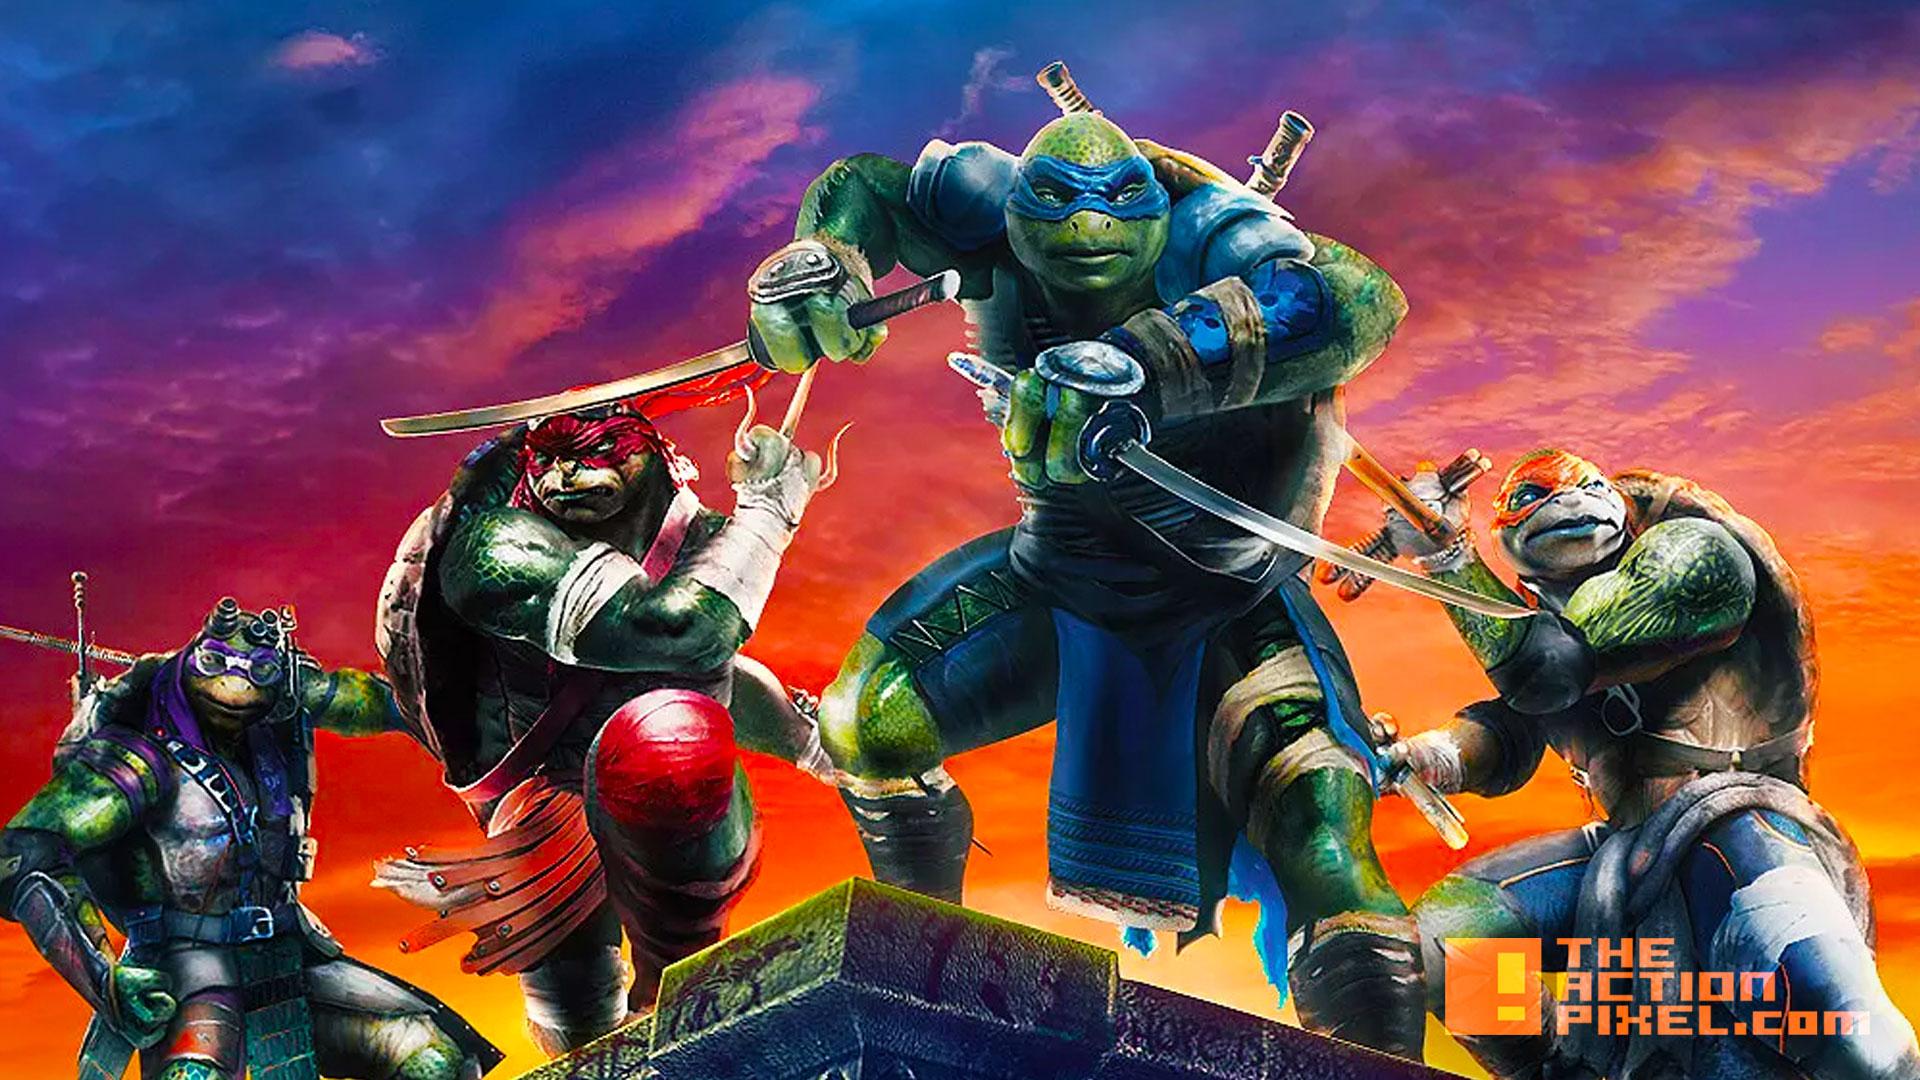 tmnt 2. teenage mutant ninja turtles 2. the action pixel. @theactionpixel